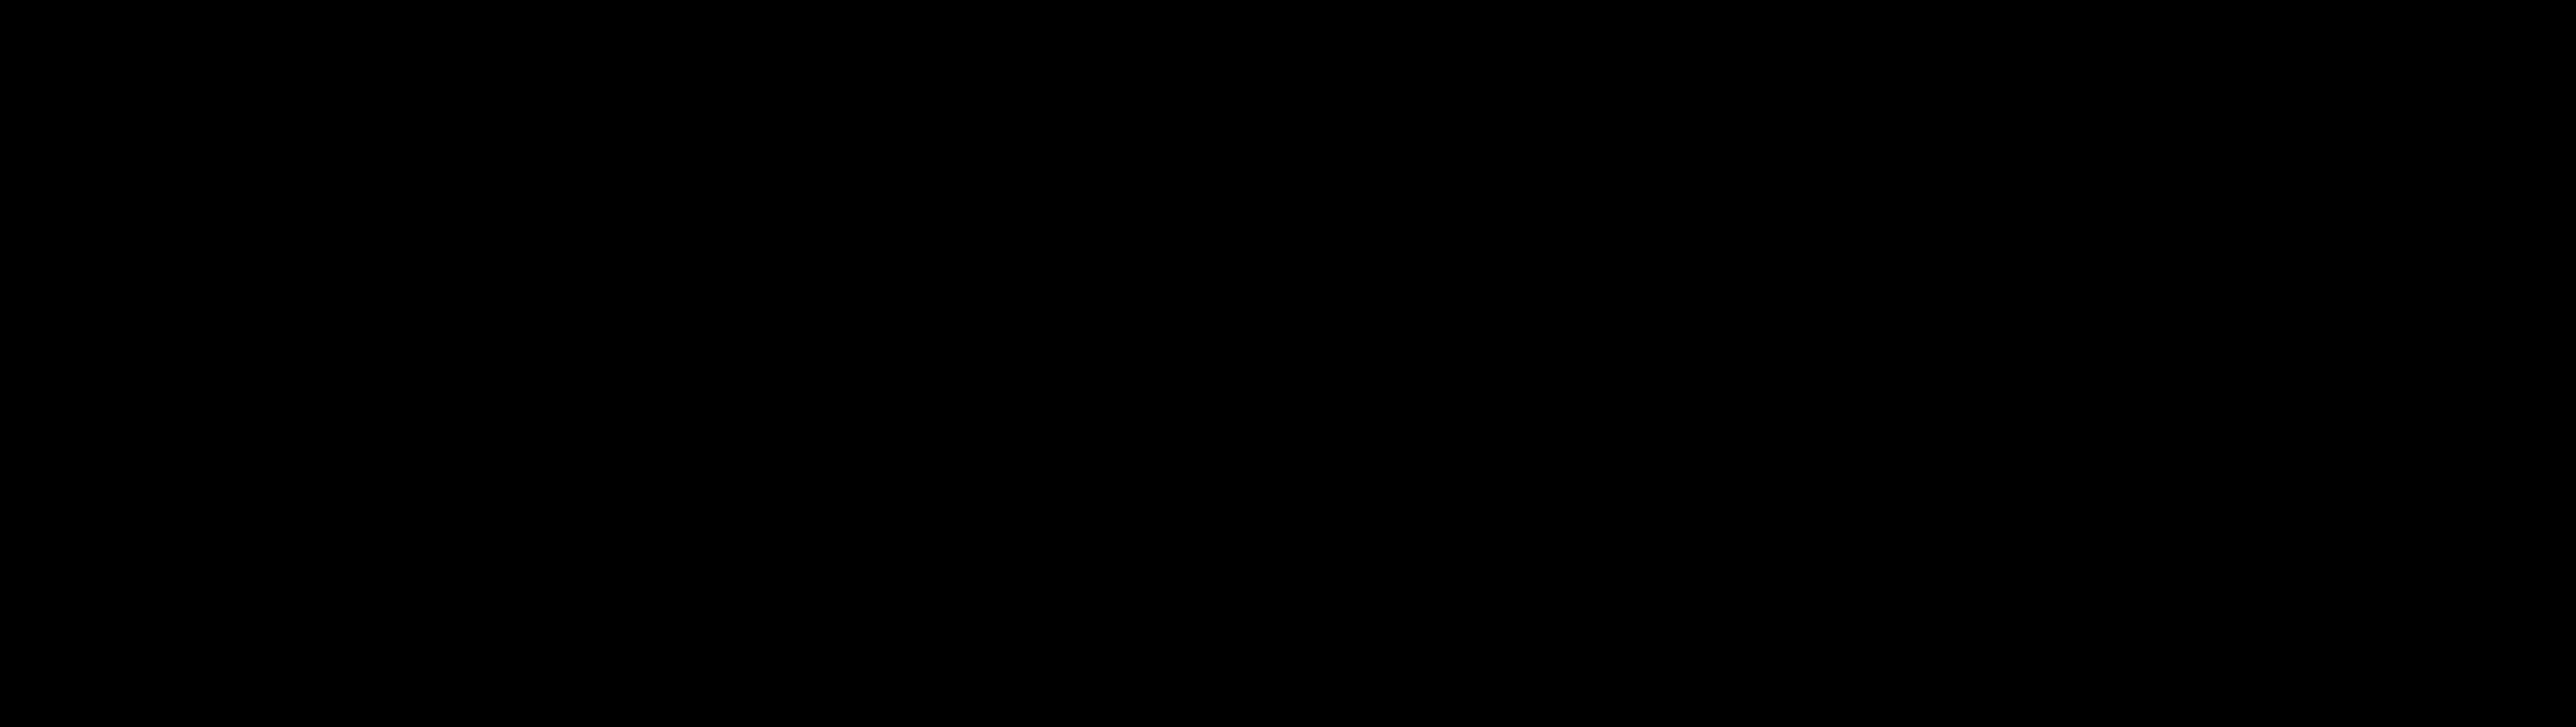 LeezenLaden